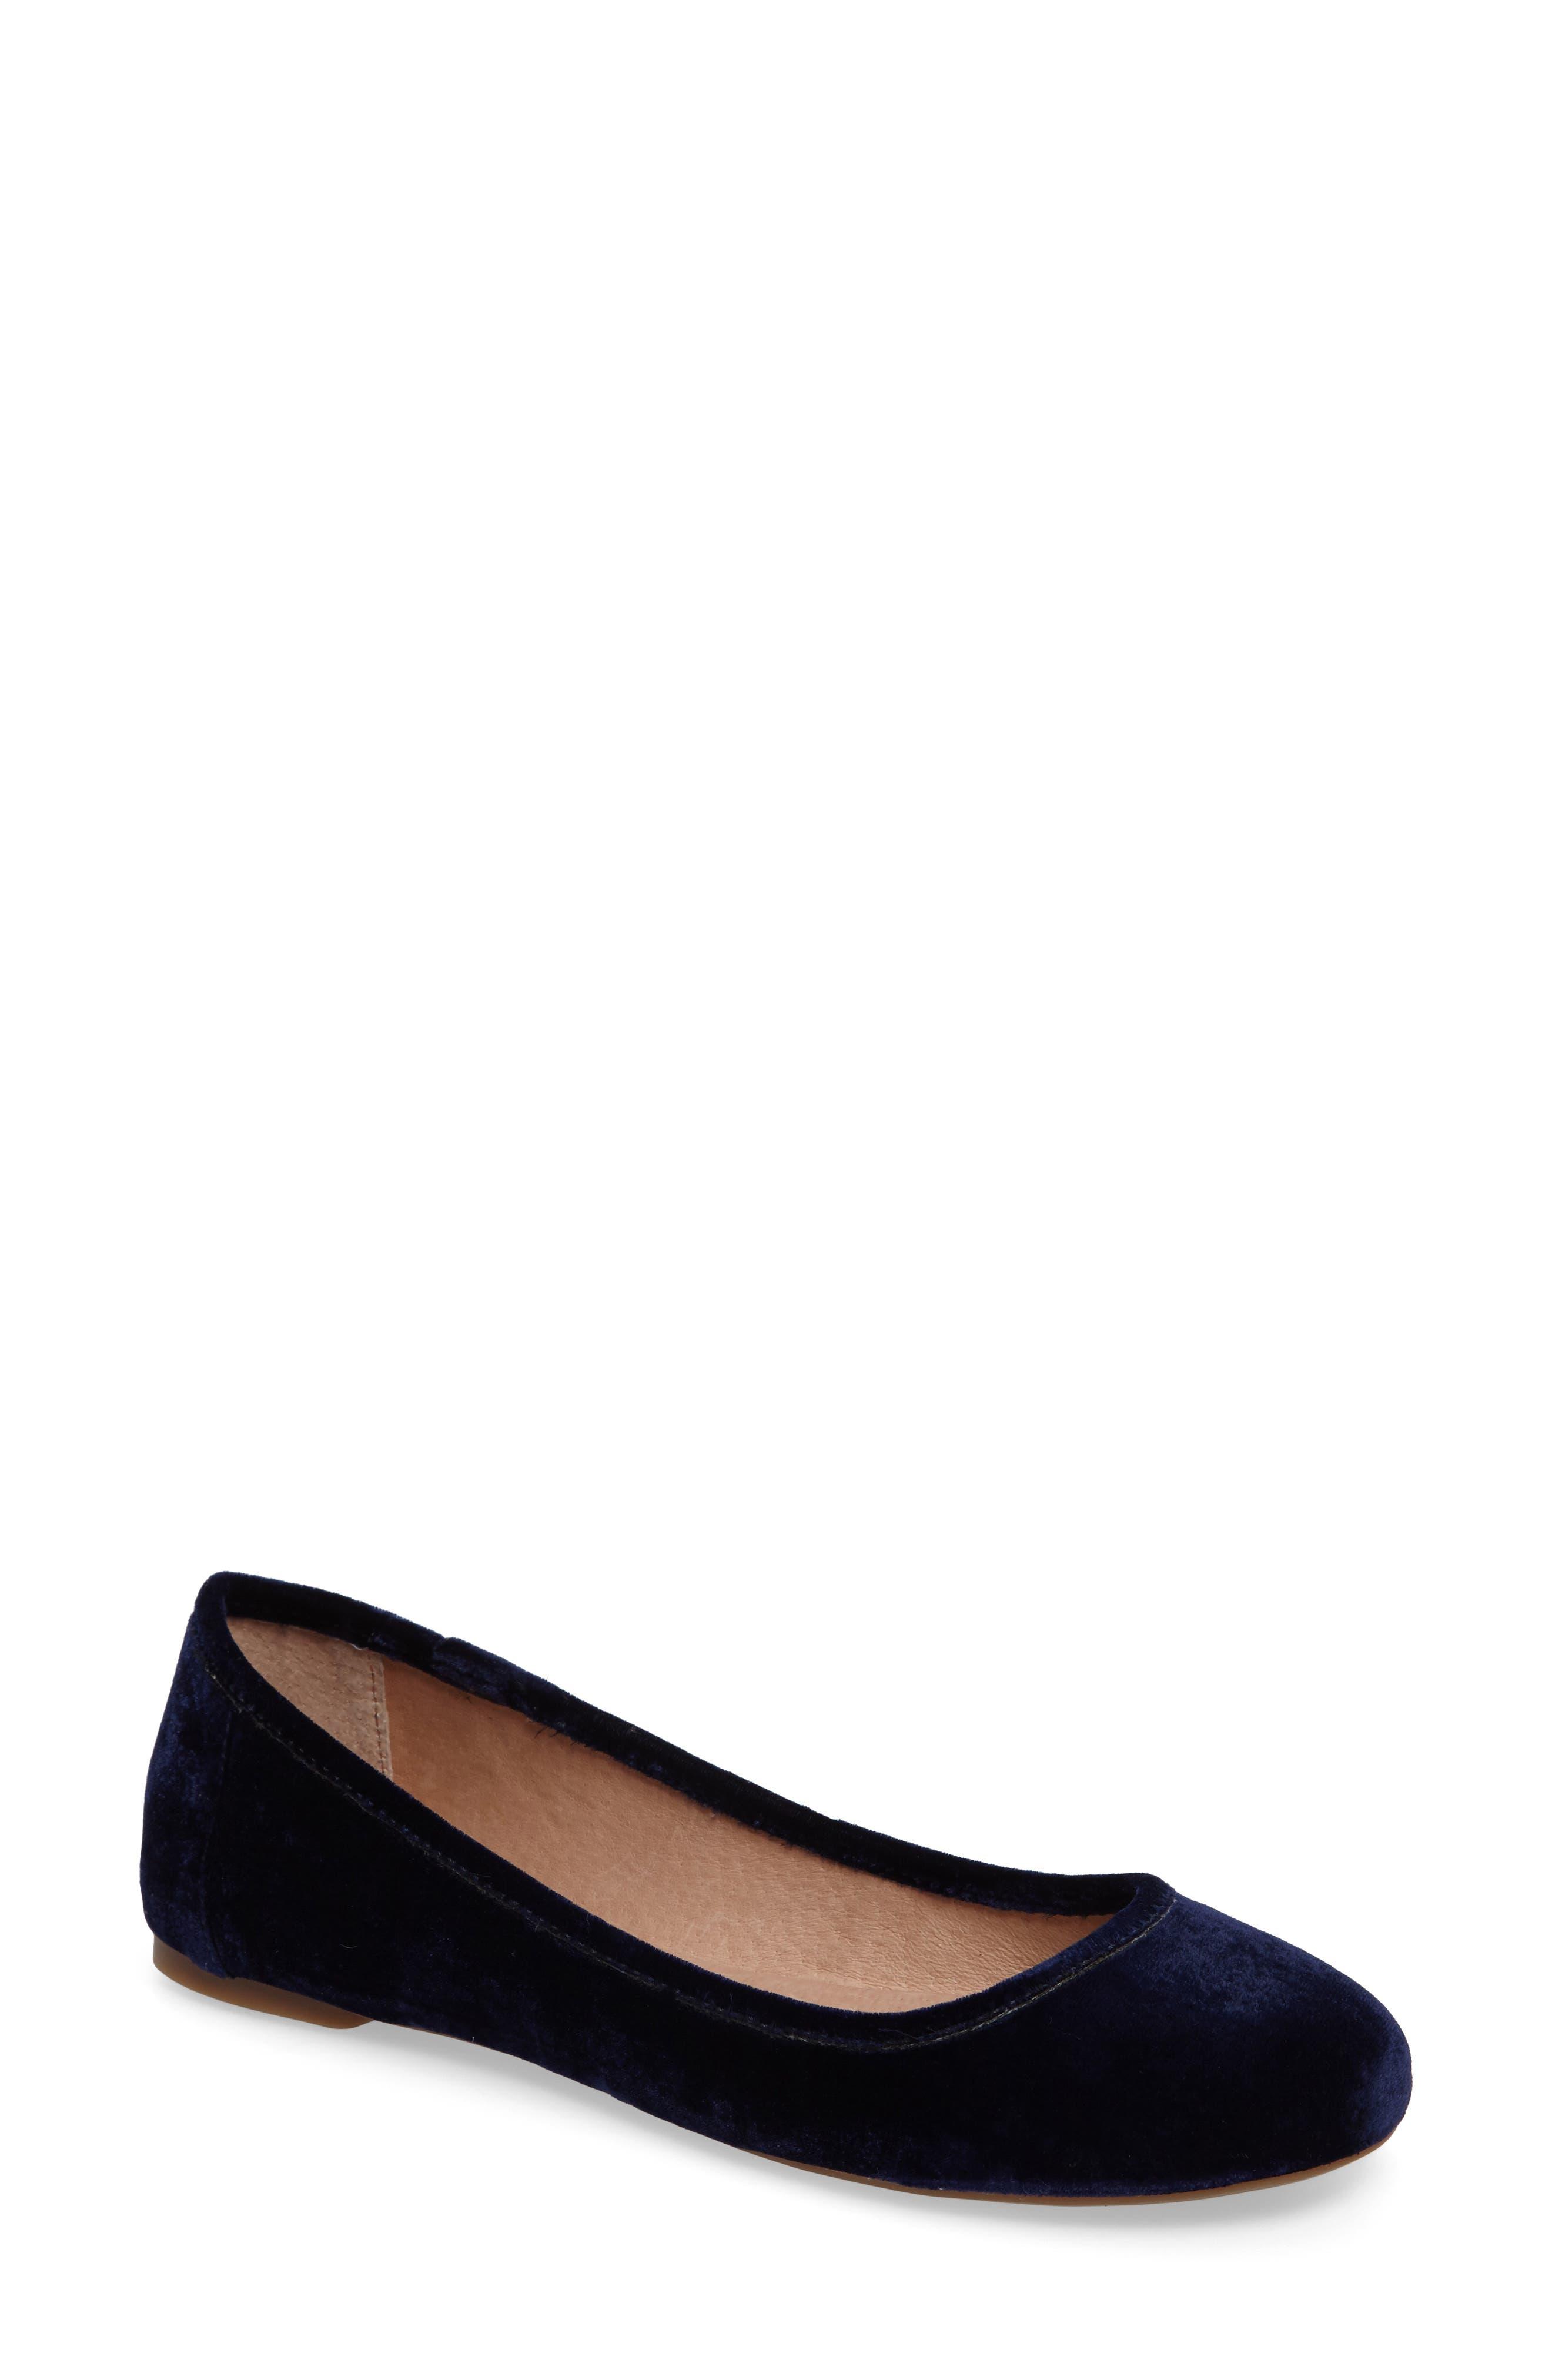 Alternate Image 1 Selected - Lucky Brand Eaden Flat (Women)